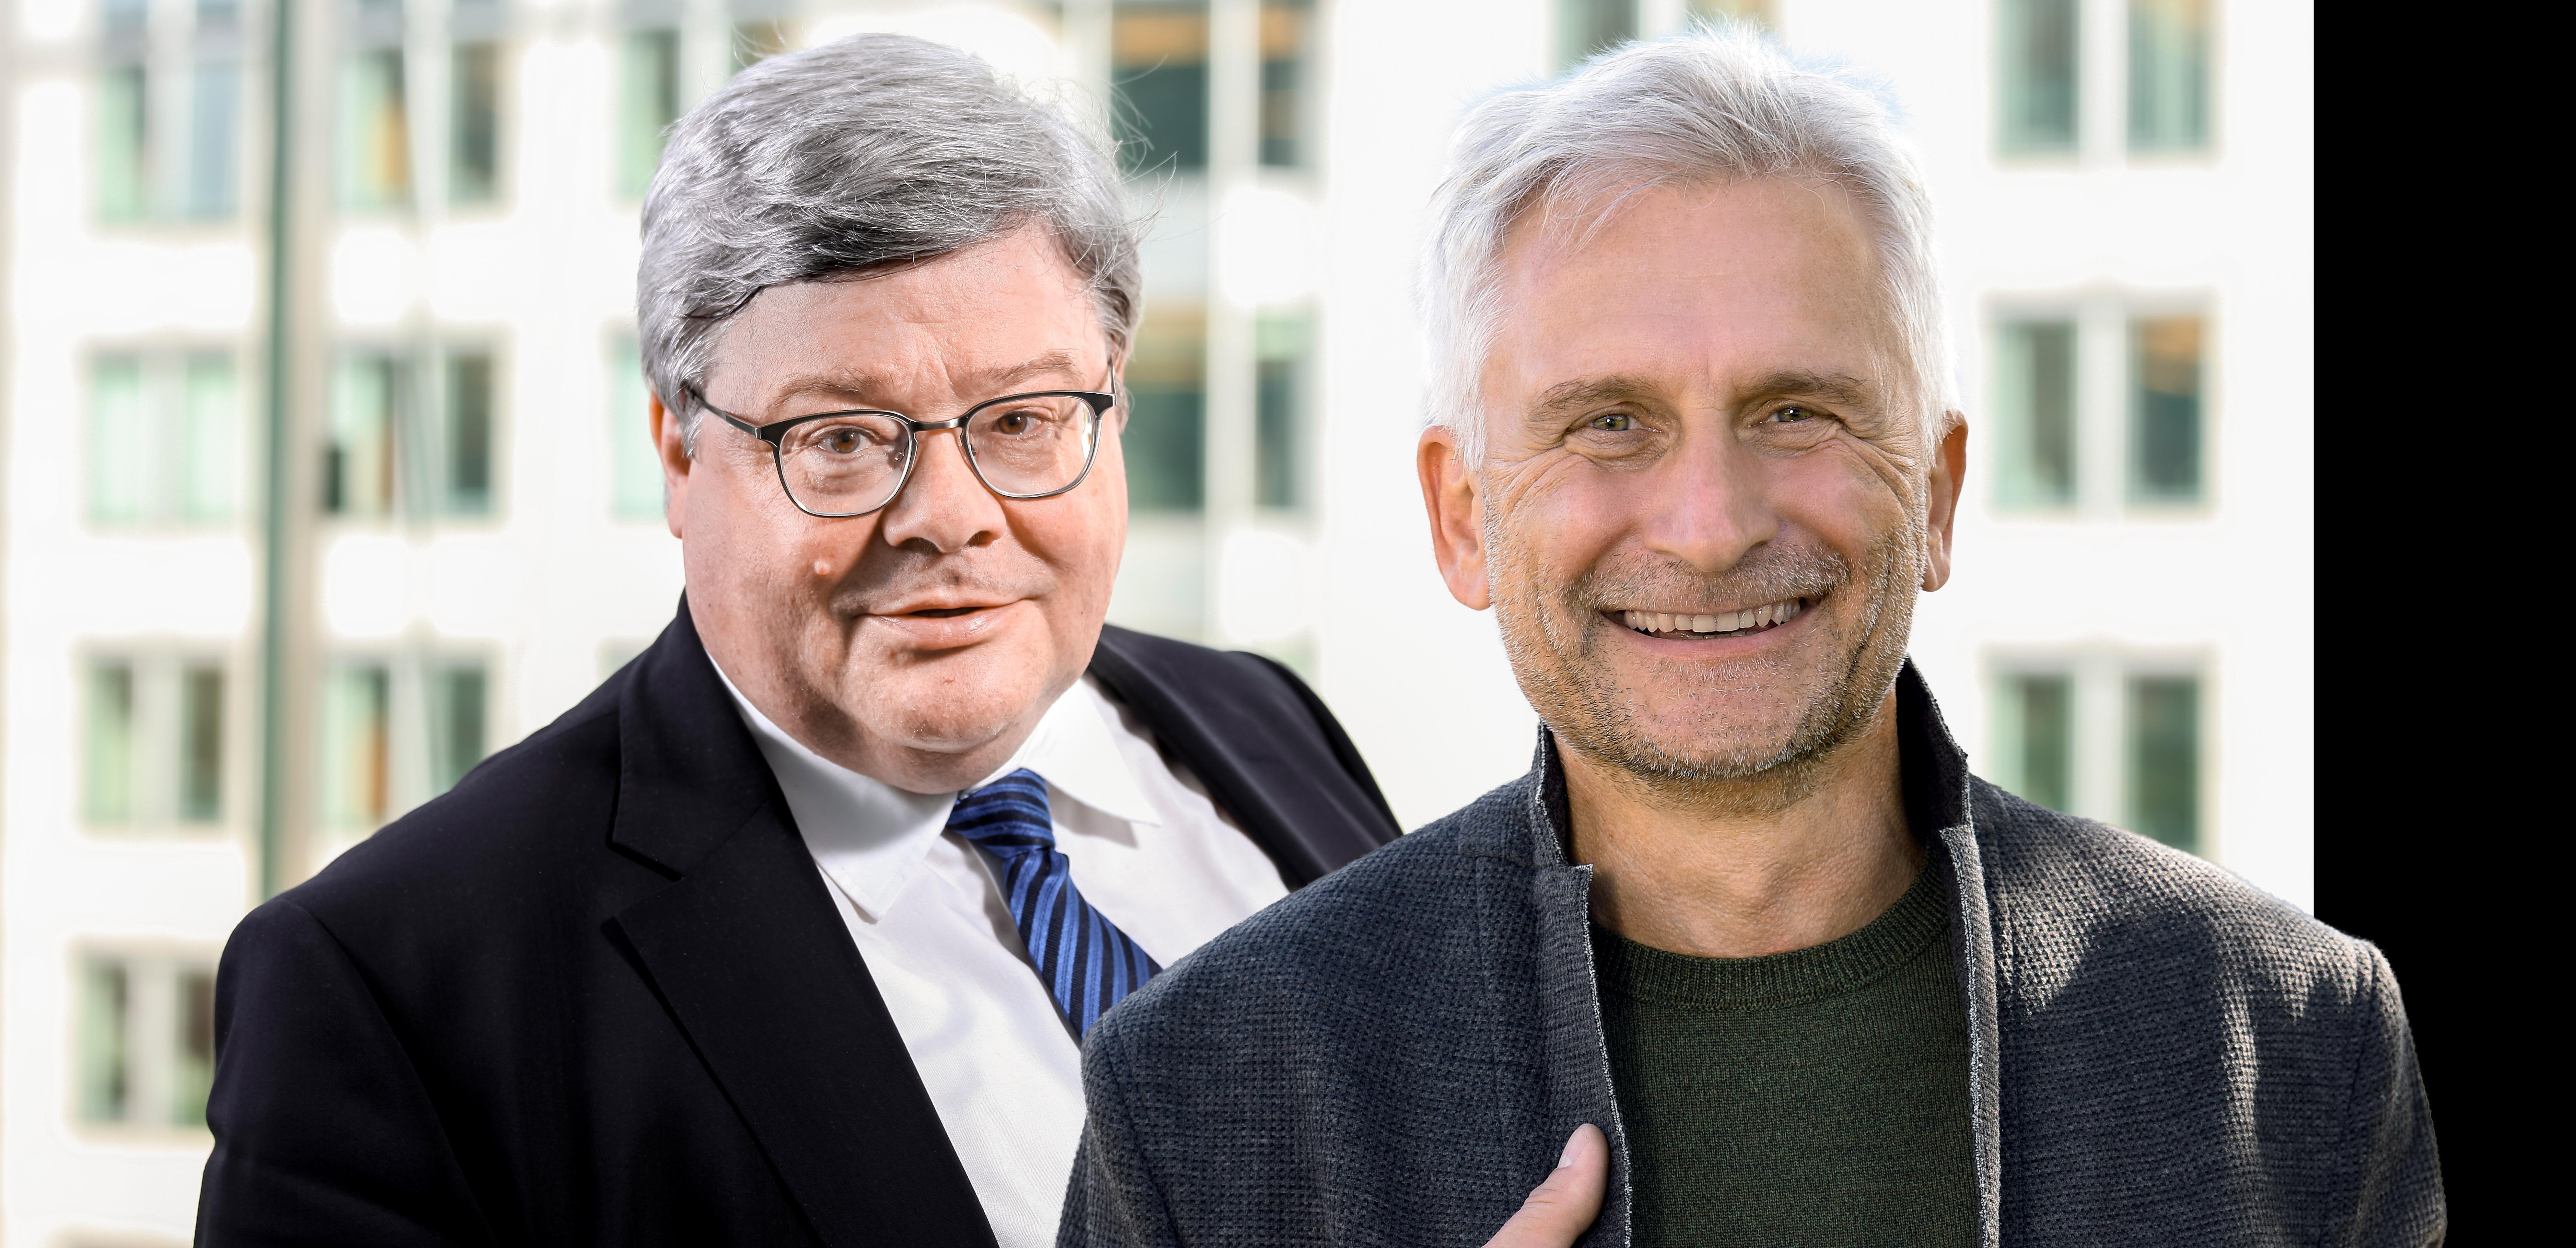 Europa-Ja klar, aber wie? – open air Gespräch mit Gerhard Zickenheiner und Reinhard Bütikofer MdEP